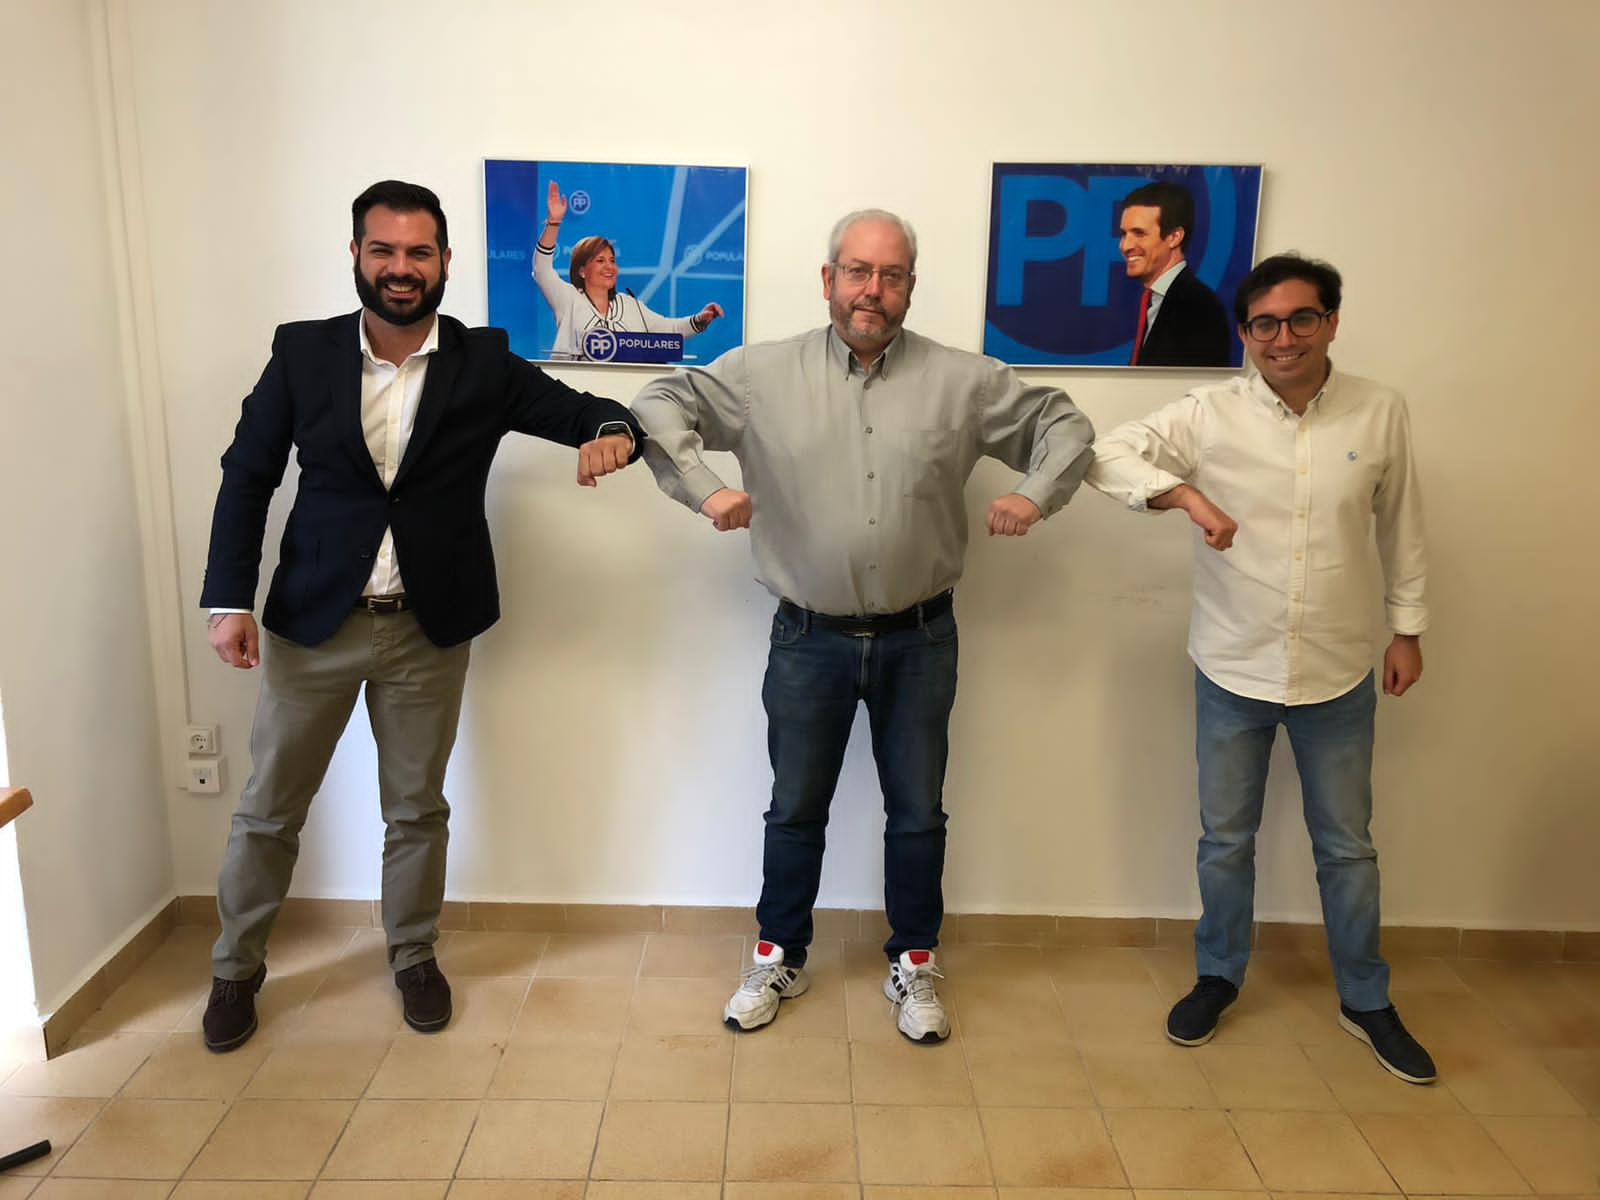 Modesto Martínez, David Sánchez y Marcos Campos PP Burjassot